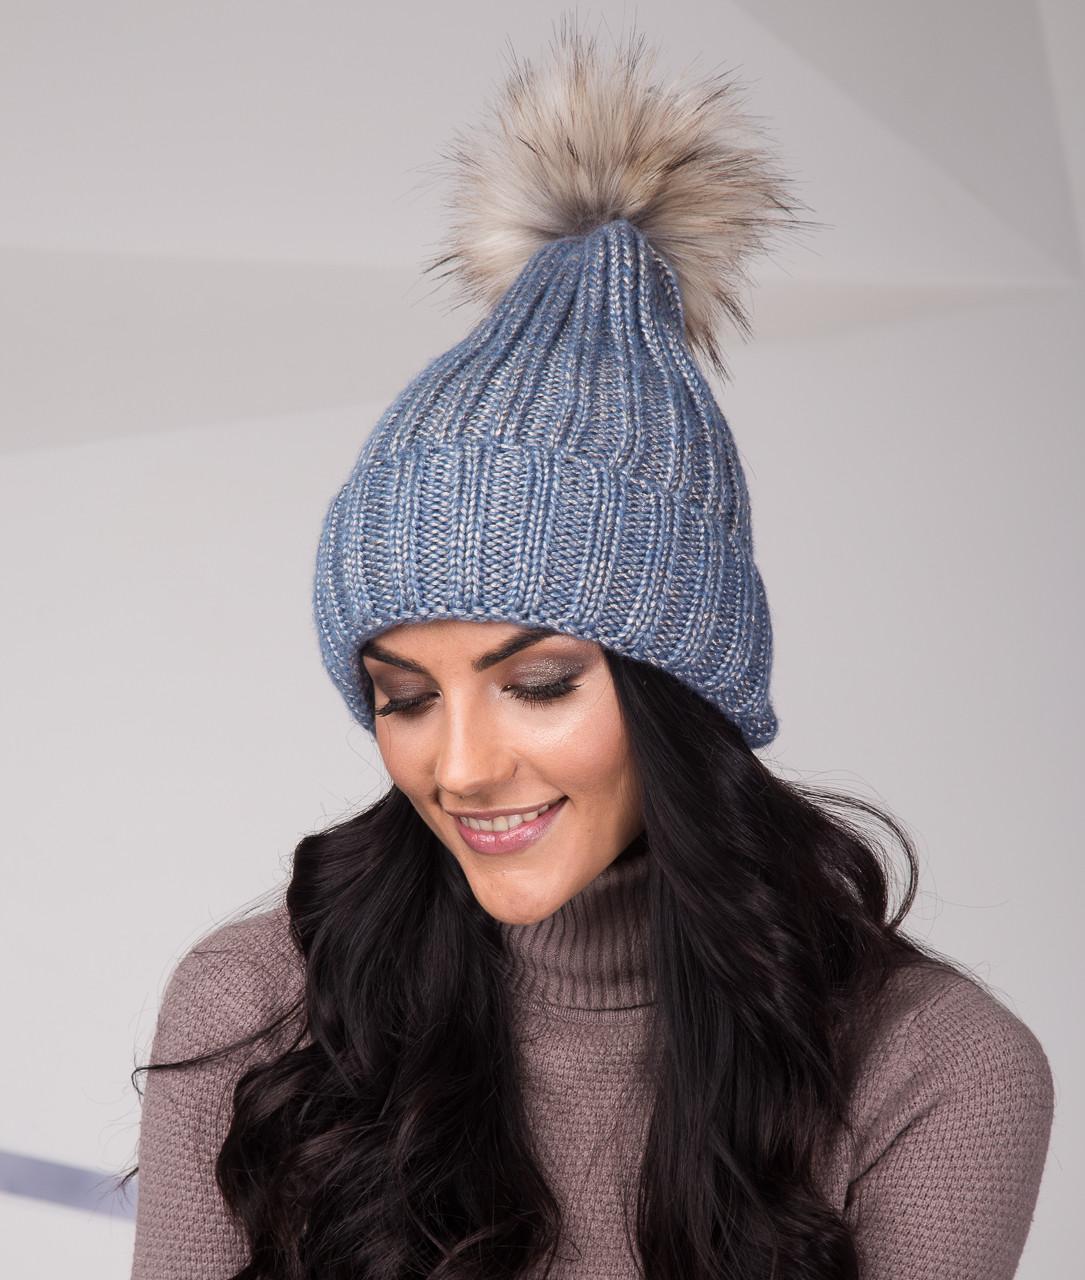 Топовая женская шапка из крупной вязки с помпоном - Артикул top-1-2 (голубой)